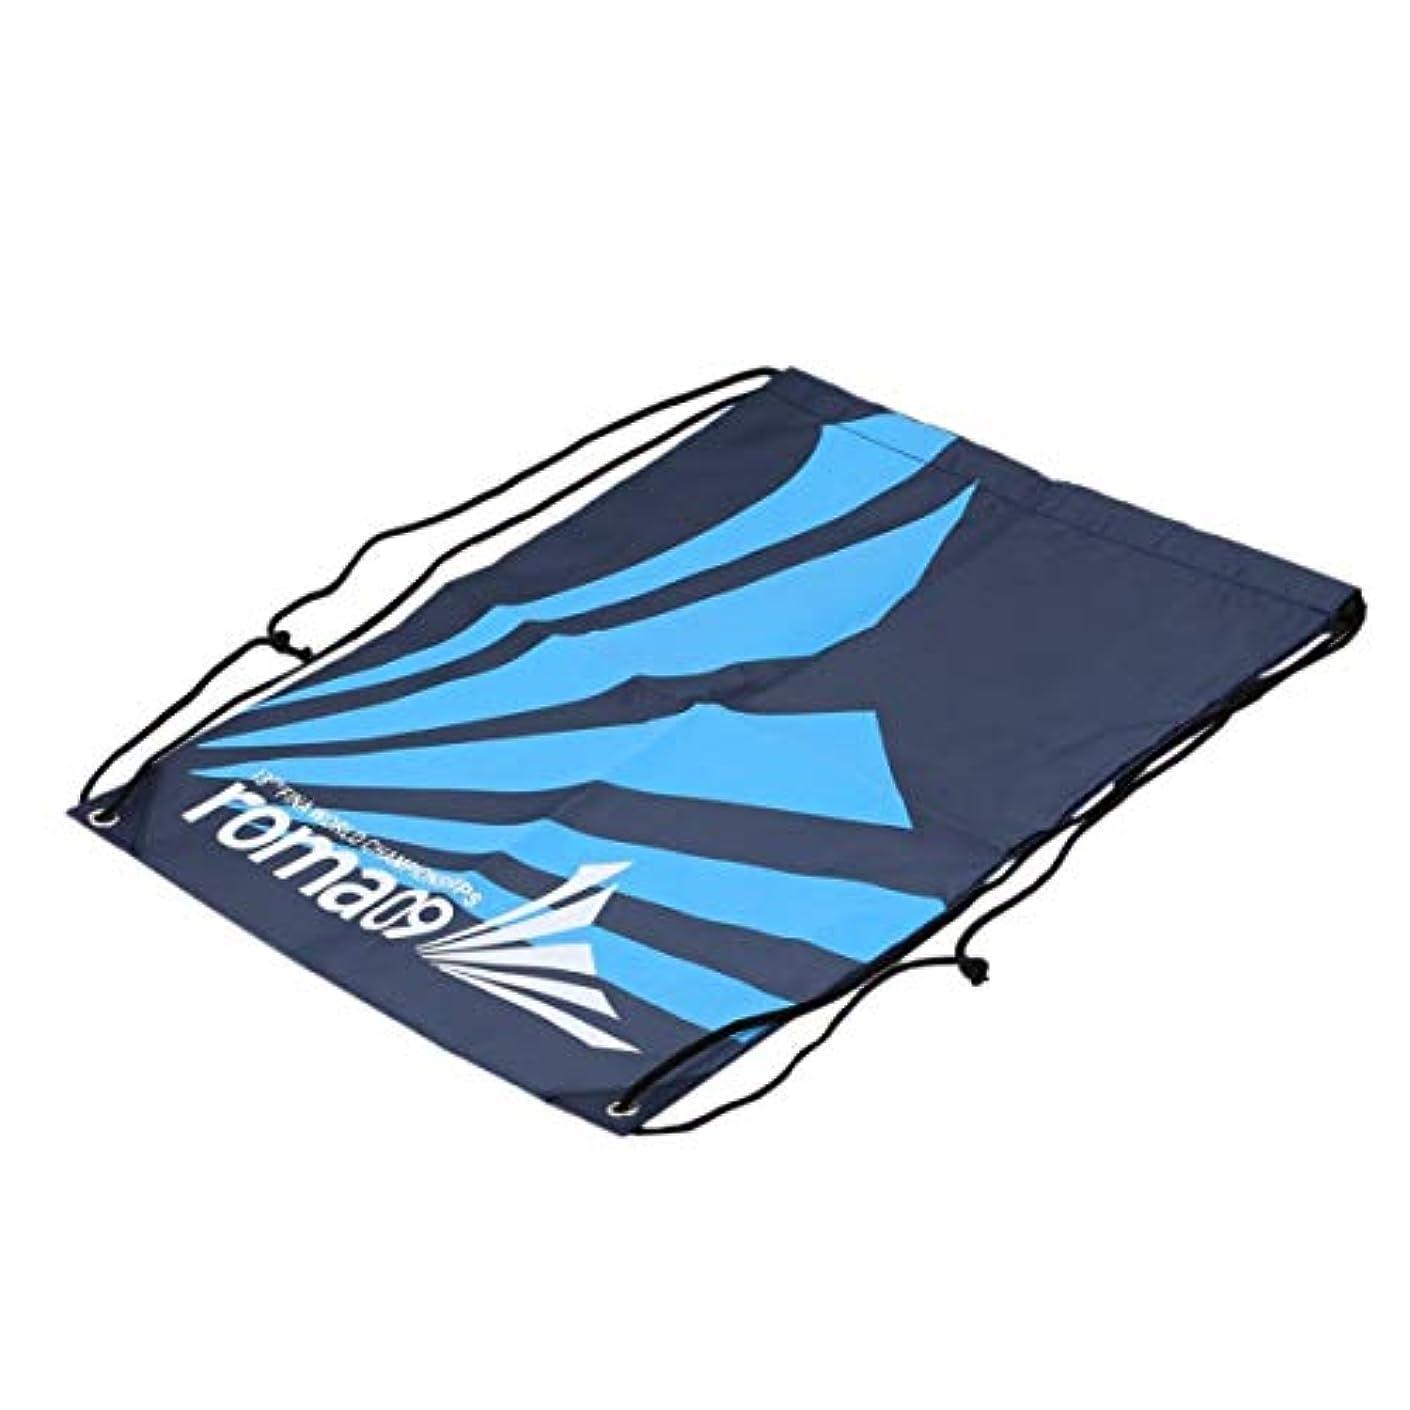 人気のみなさんええ耐久性のある便利な41センチメートルx 33センチメートル水泳バッグ巾着ビーチバッグスポーツジム防水バックパックスイムダンス